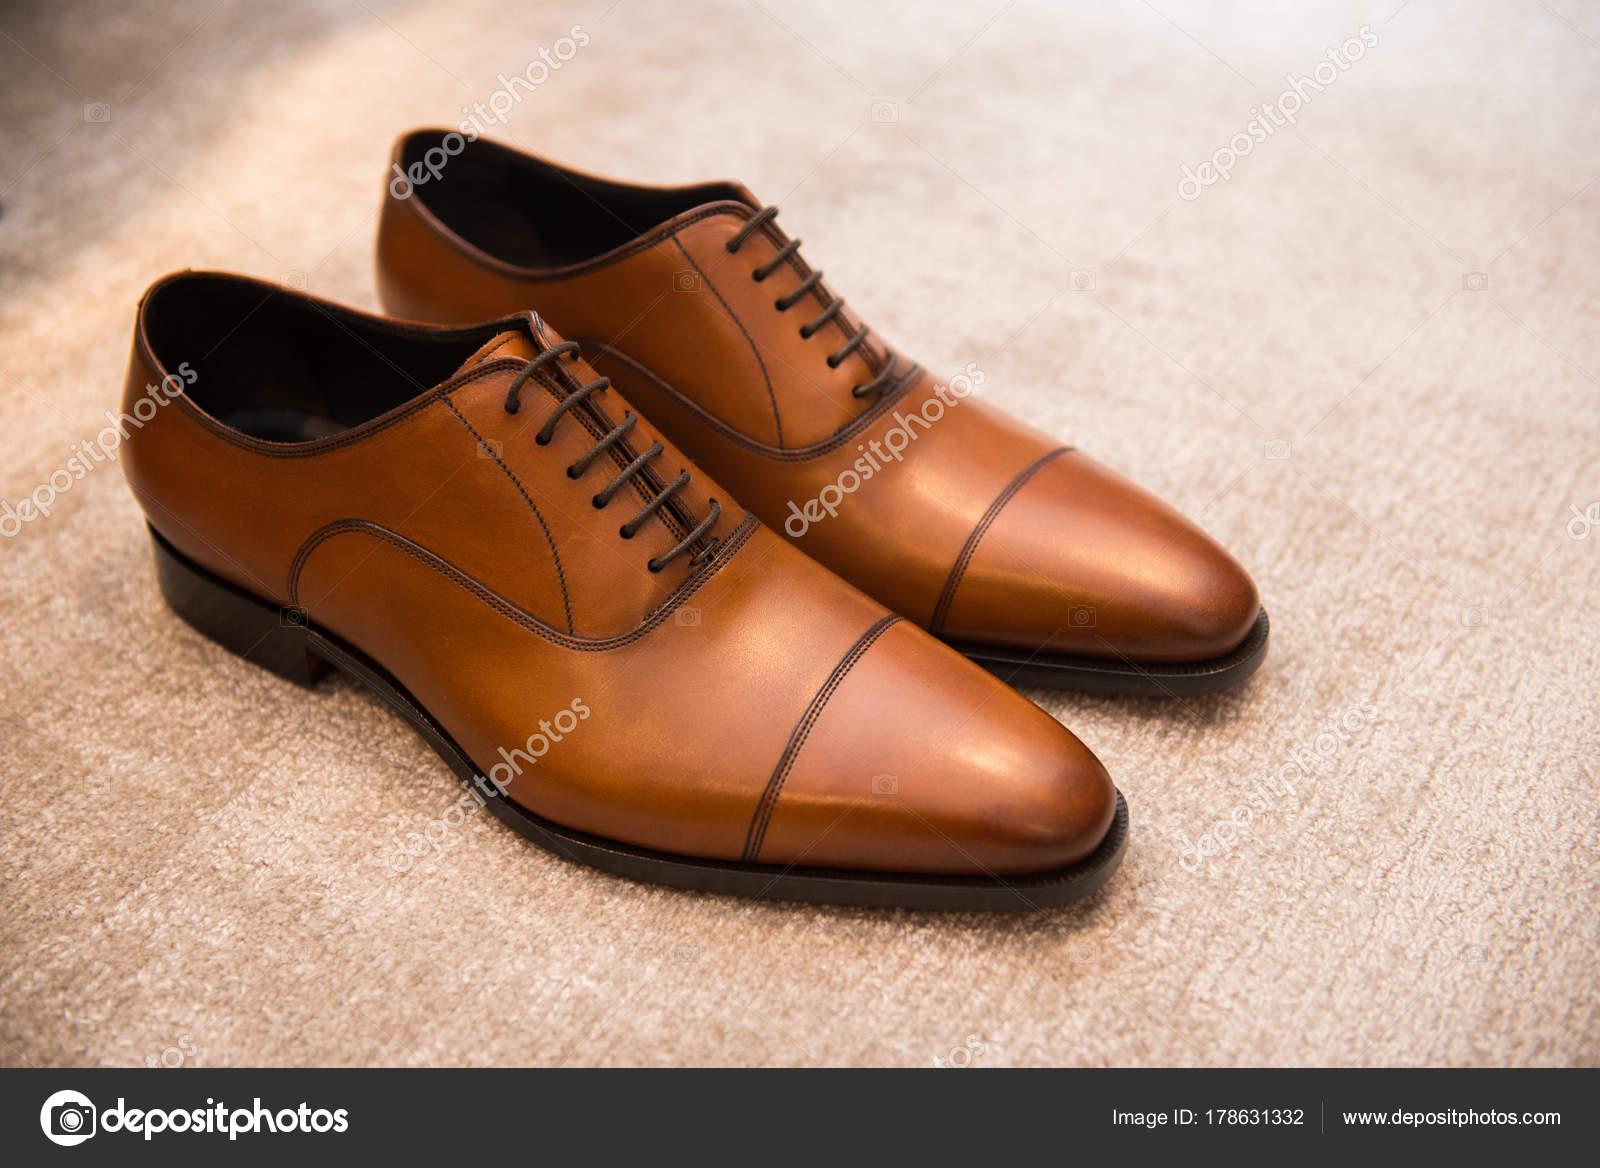 2217118f9 Sapatos Masculinos Clássicos Couro Marrom Chão — Fotografia de Stock